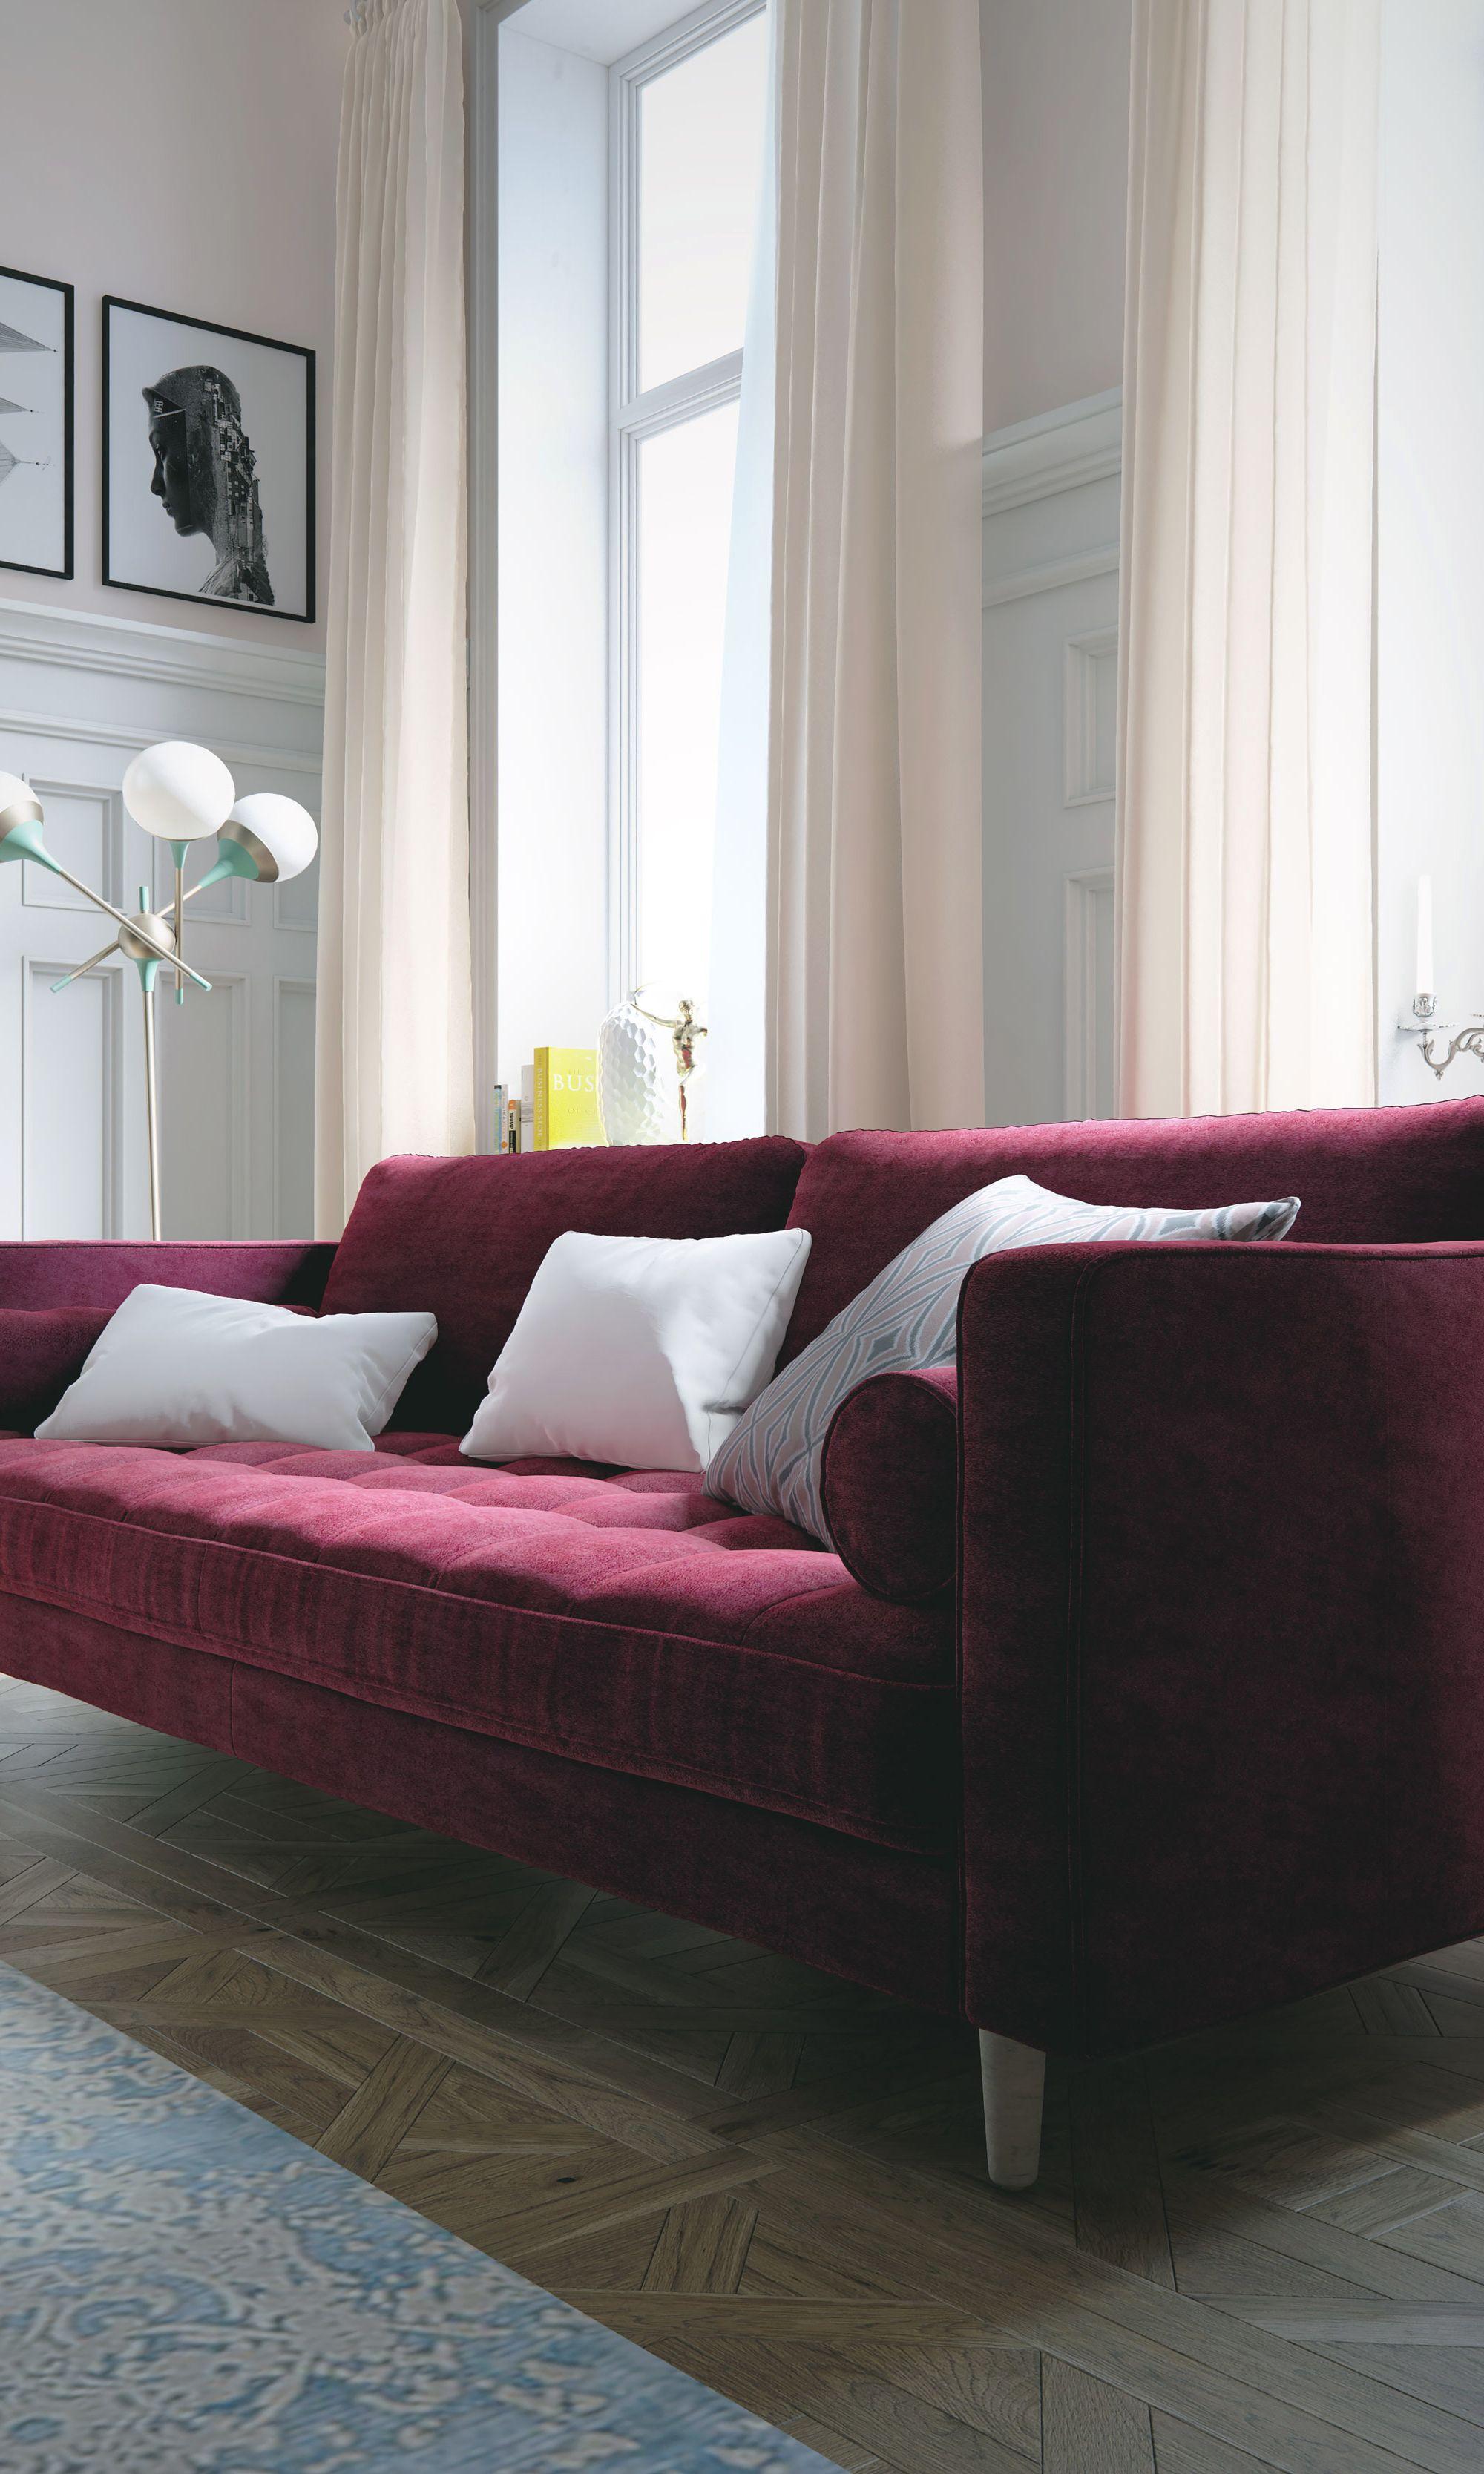 Divano Rosso E Grigio 5 mistakes to avoid when buying a sofa (con immagini